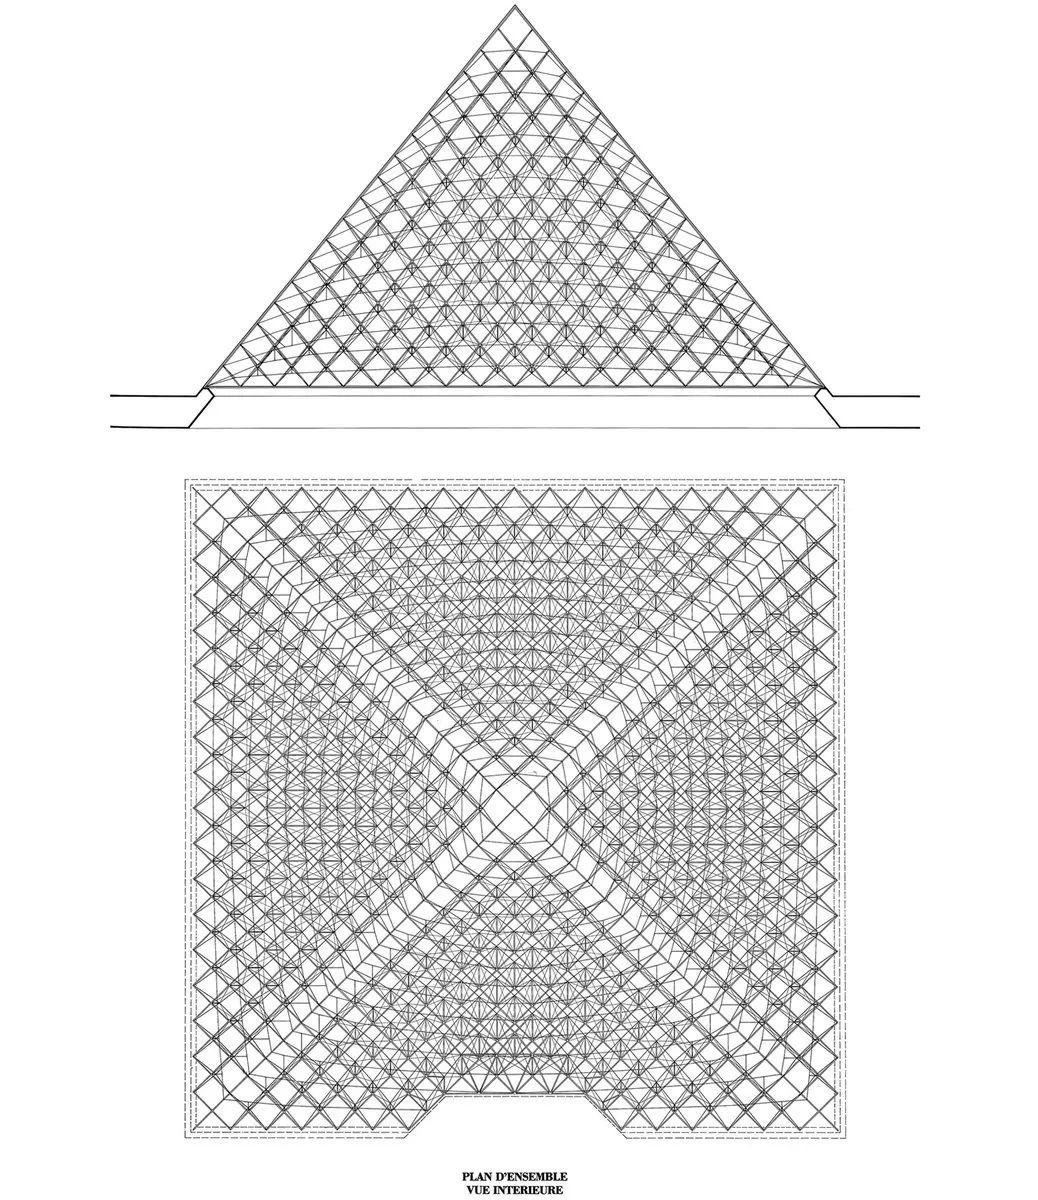 致敬贝聿铭:世界上最会用「三角形」的建筑大师_36